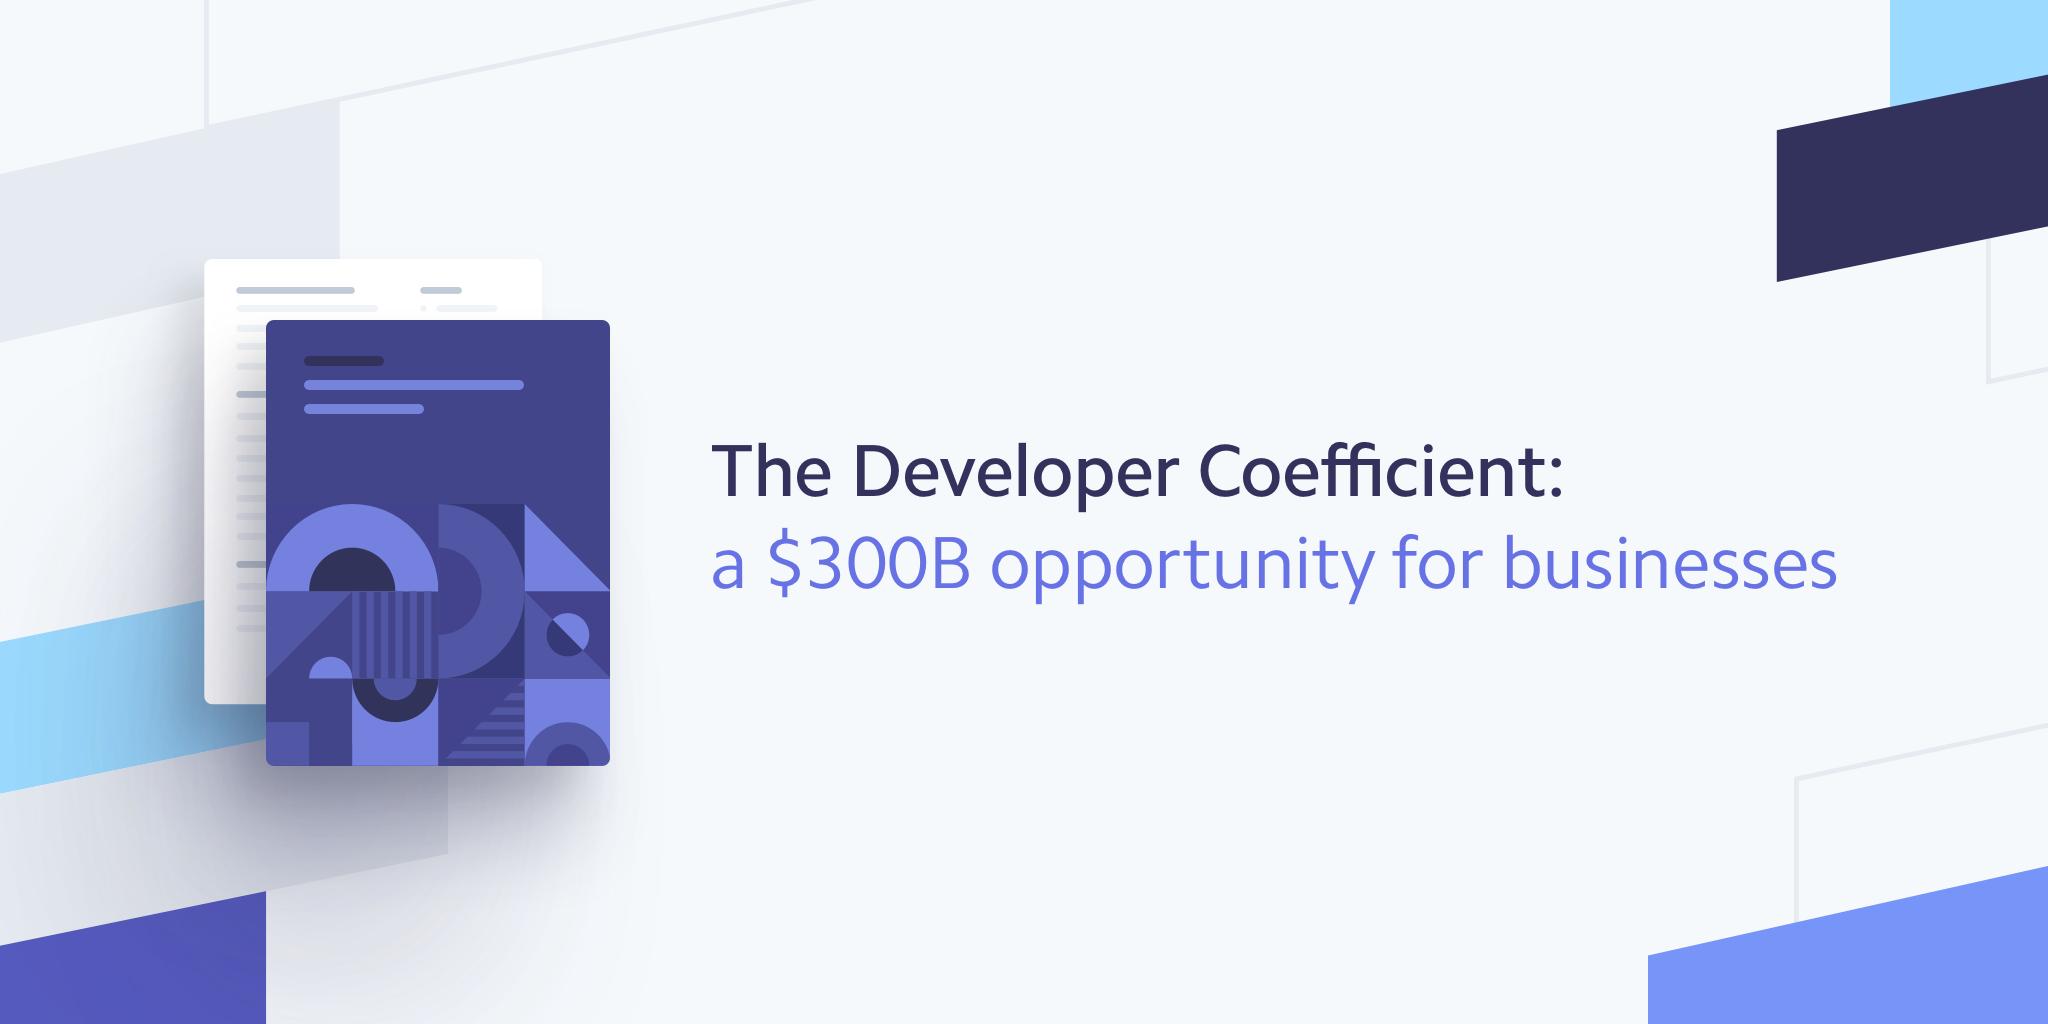 The Developer Coefficient